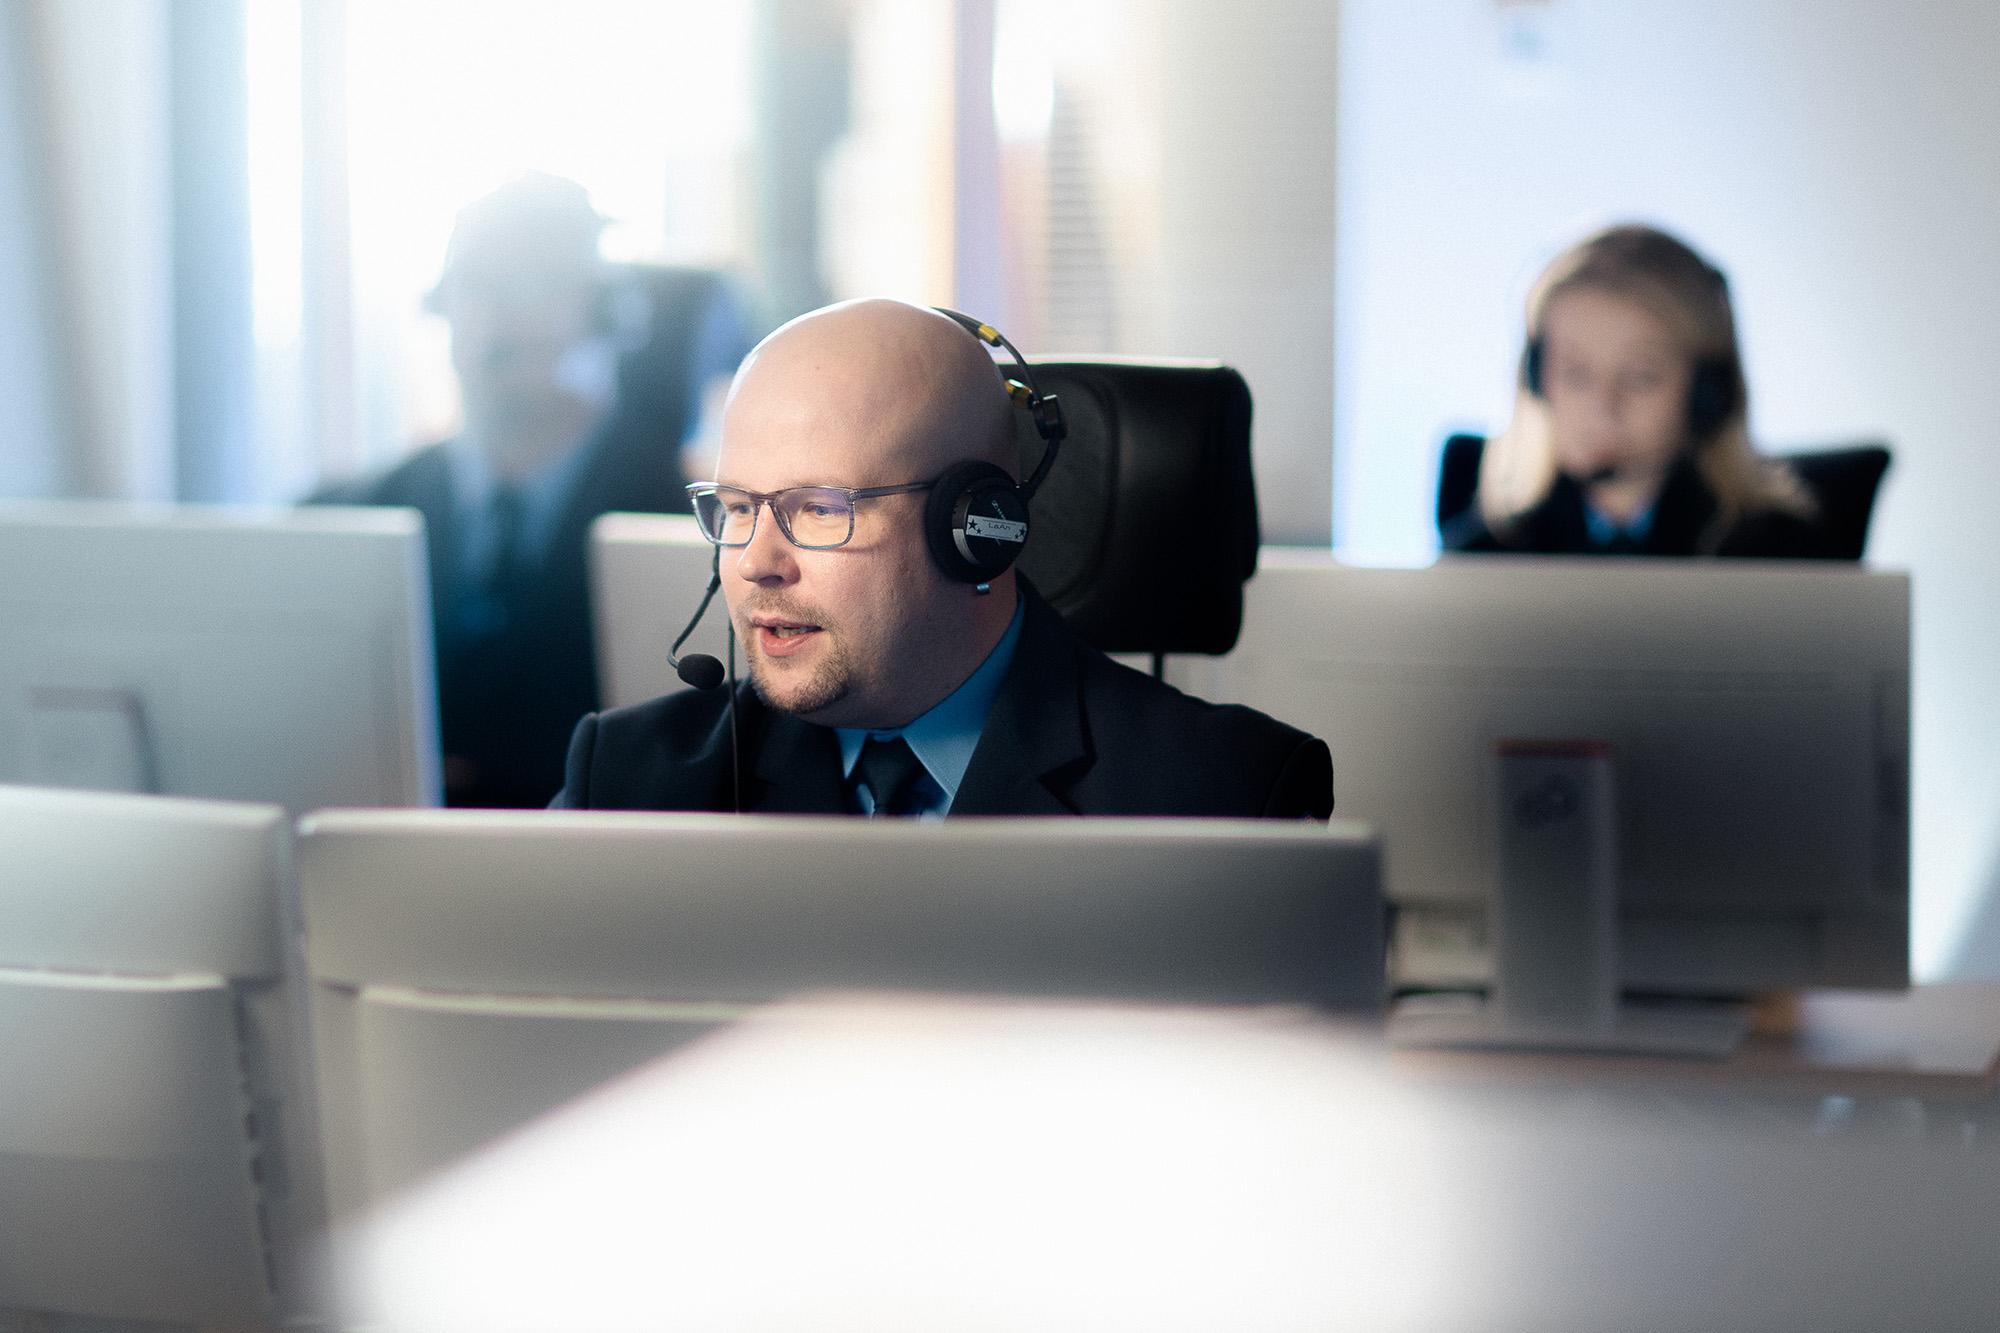 SPAL rekrytoi: Jäsenpalveluassistentti ja Taloushallinnon assistentti